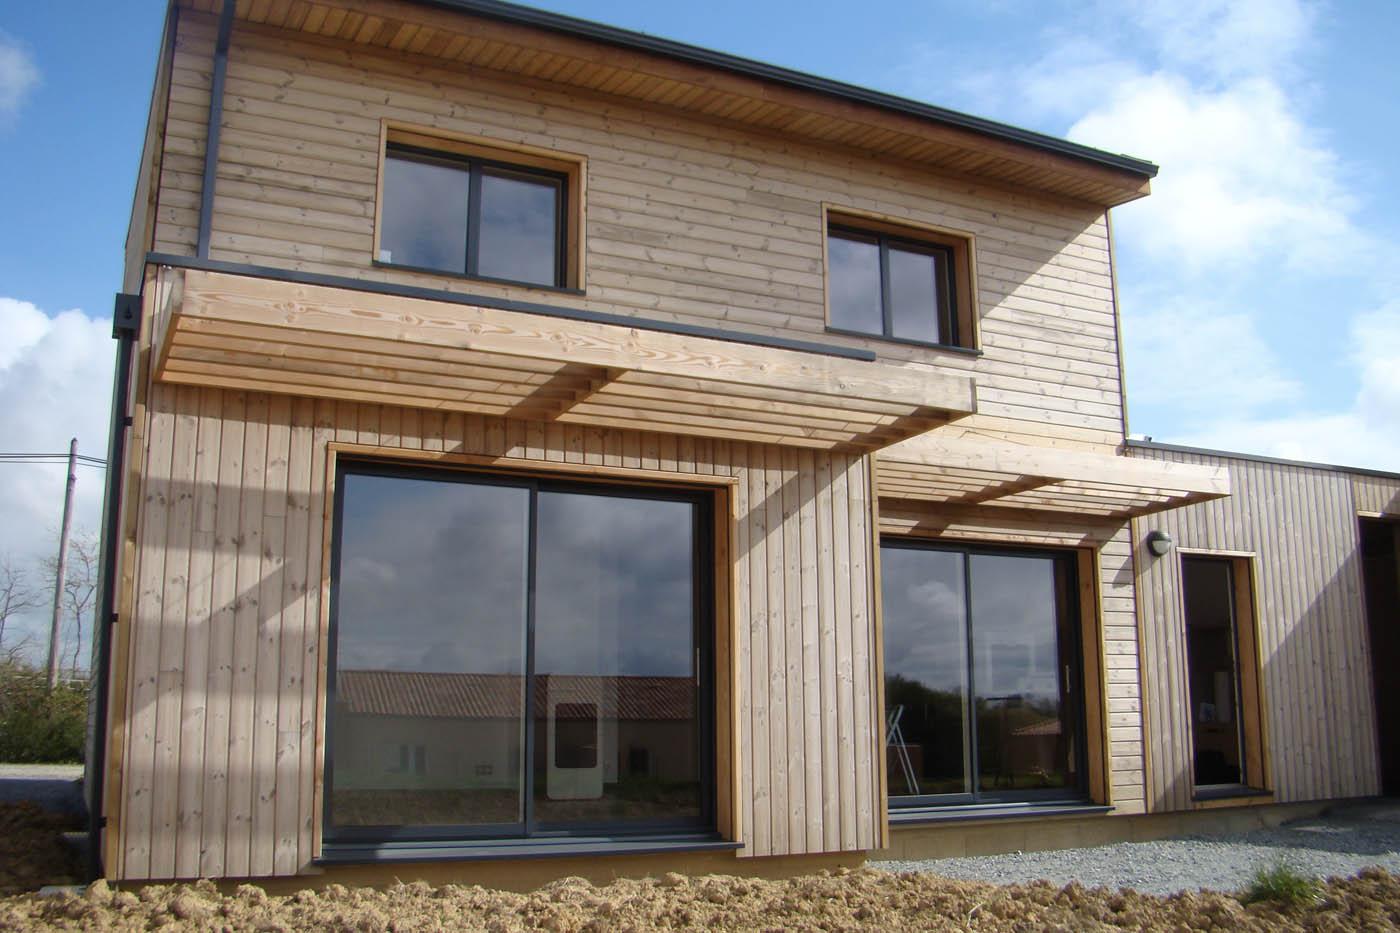 Maison ossature bois bbc en vend e par gu rin br maud for Construction maison en bois vendee